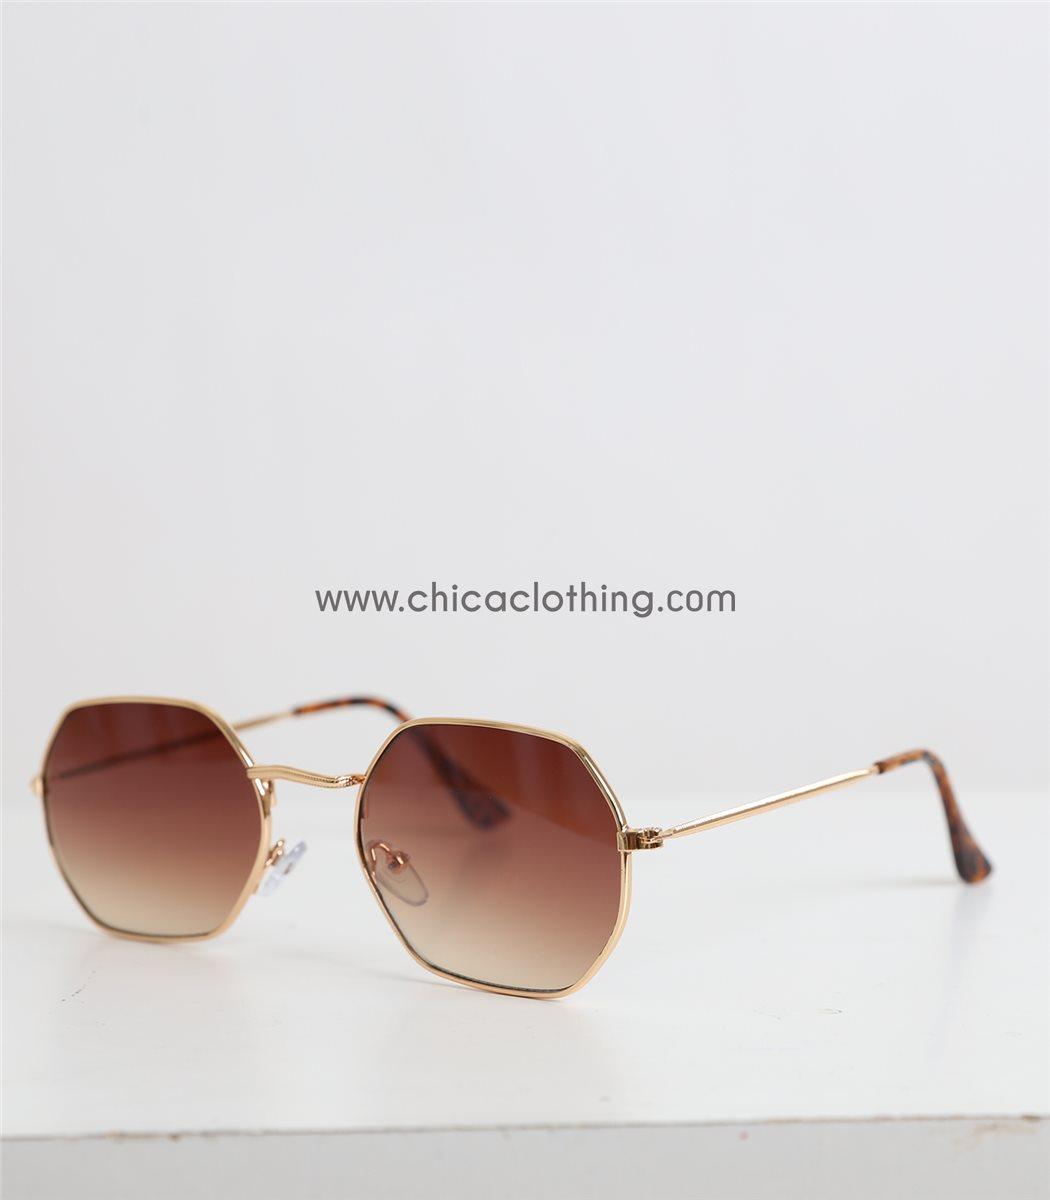 d6ee7548795 Γυναικεία γυαλιά ηλίου με πολύγωνο χρυσό σκελετό και καφέ φακό